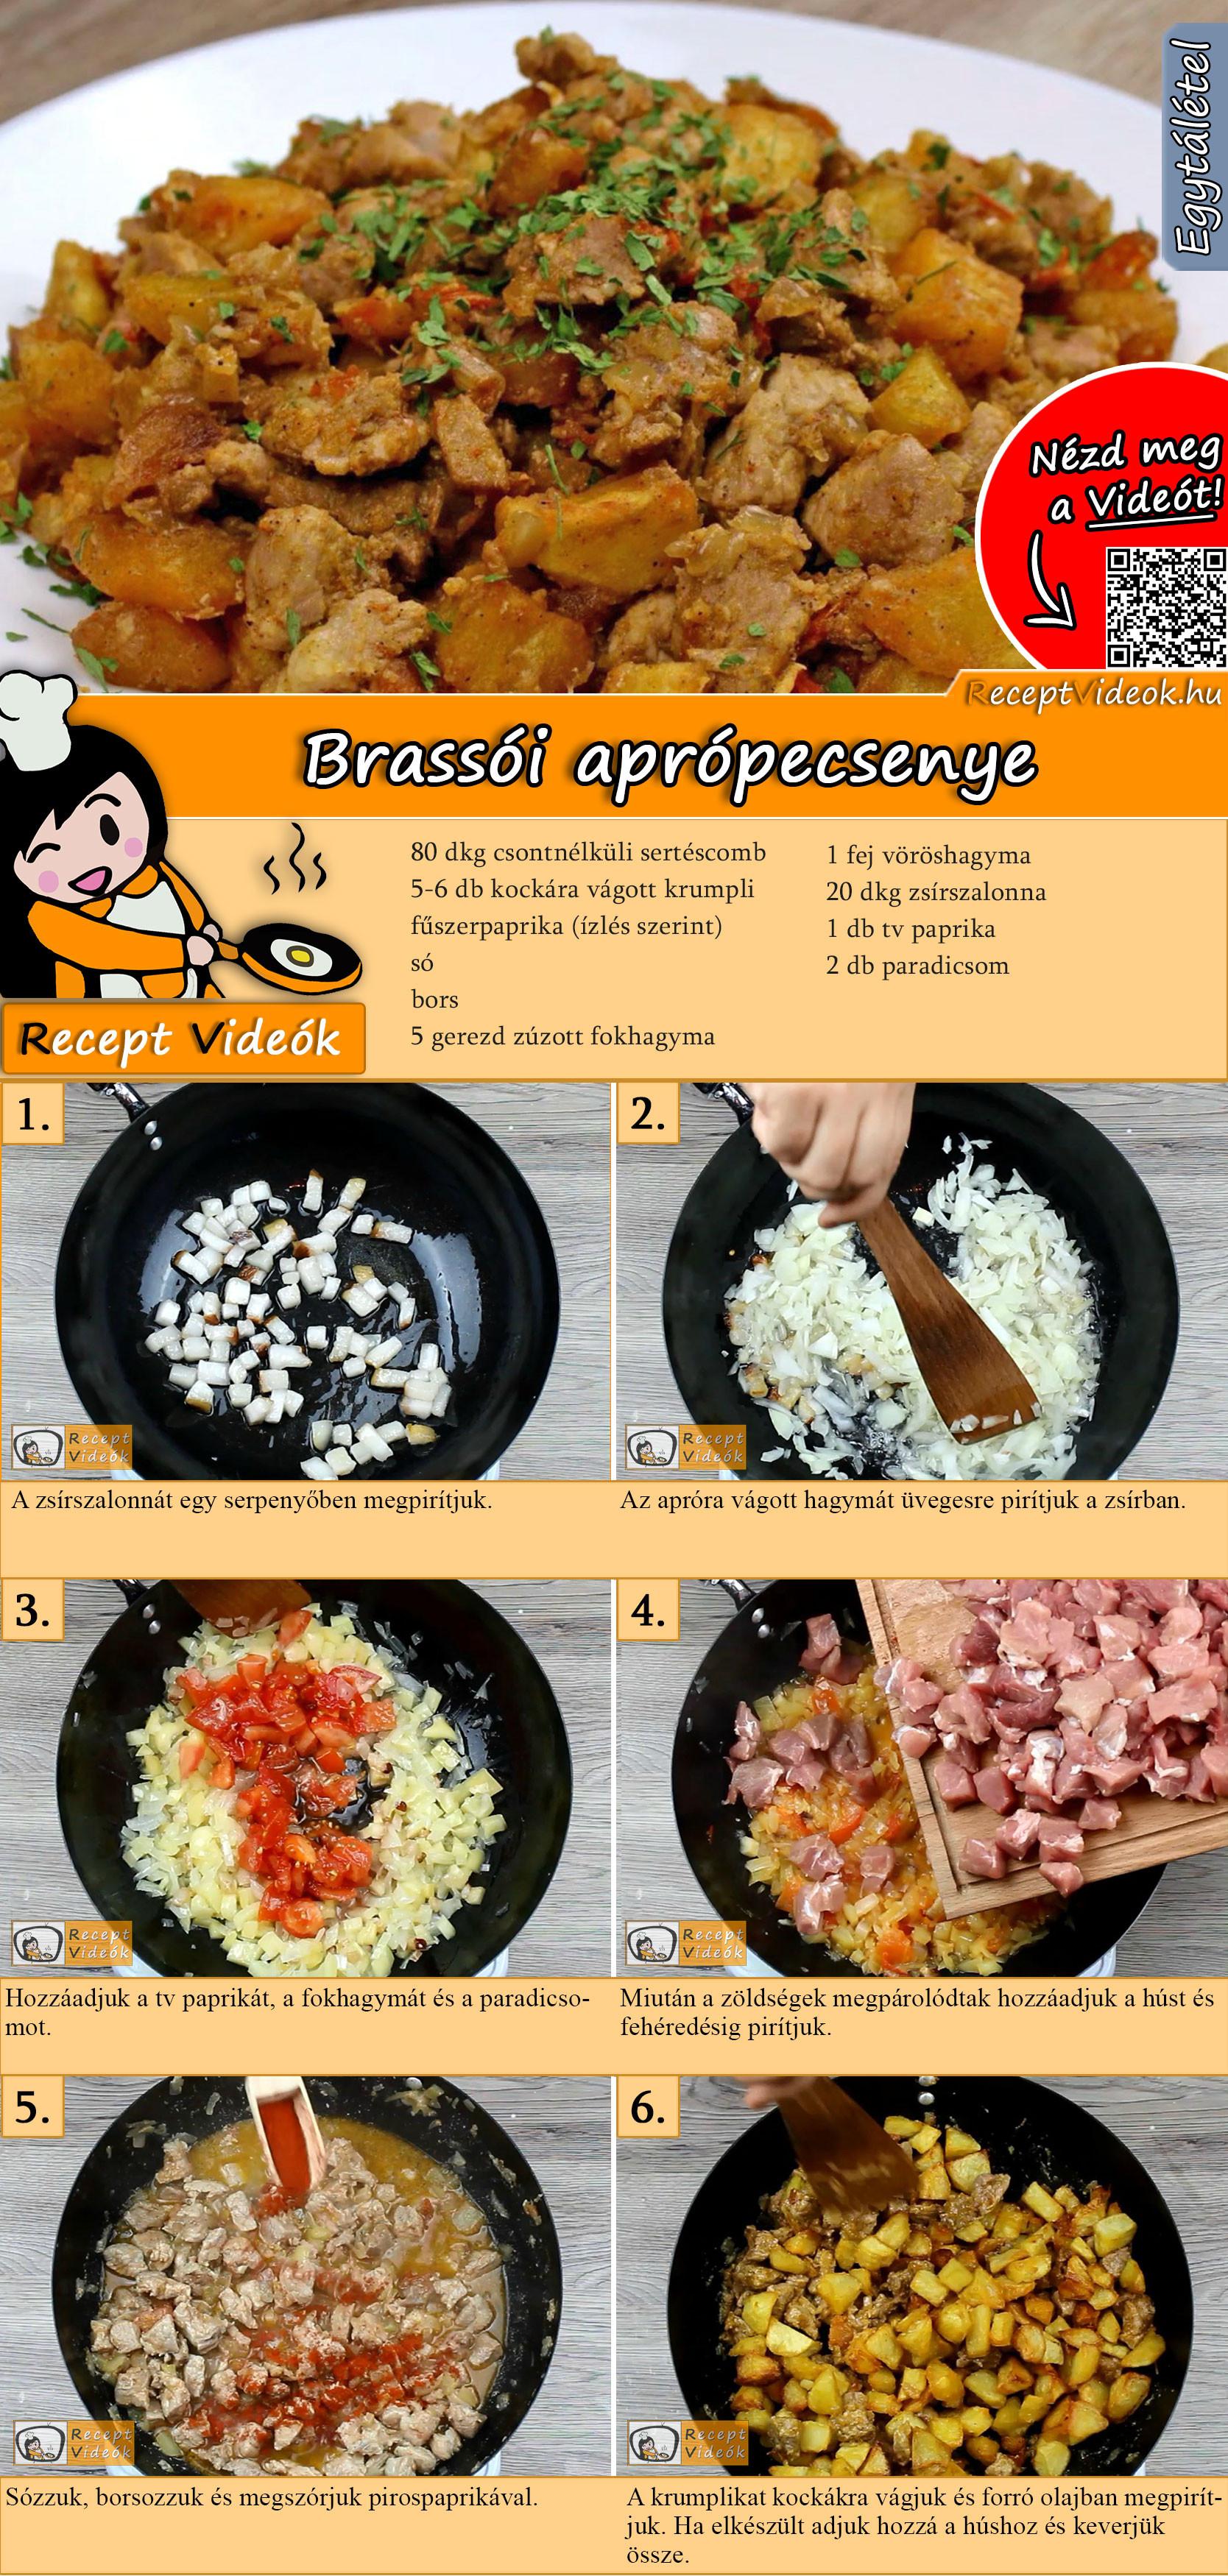 Brassói aprópecsenye recept elkészítése videóval